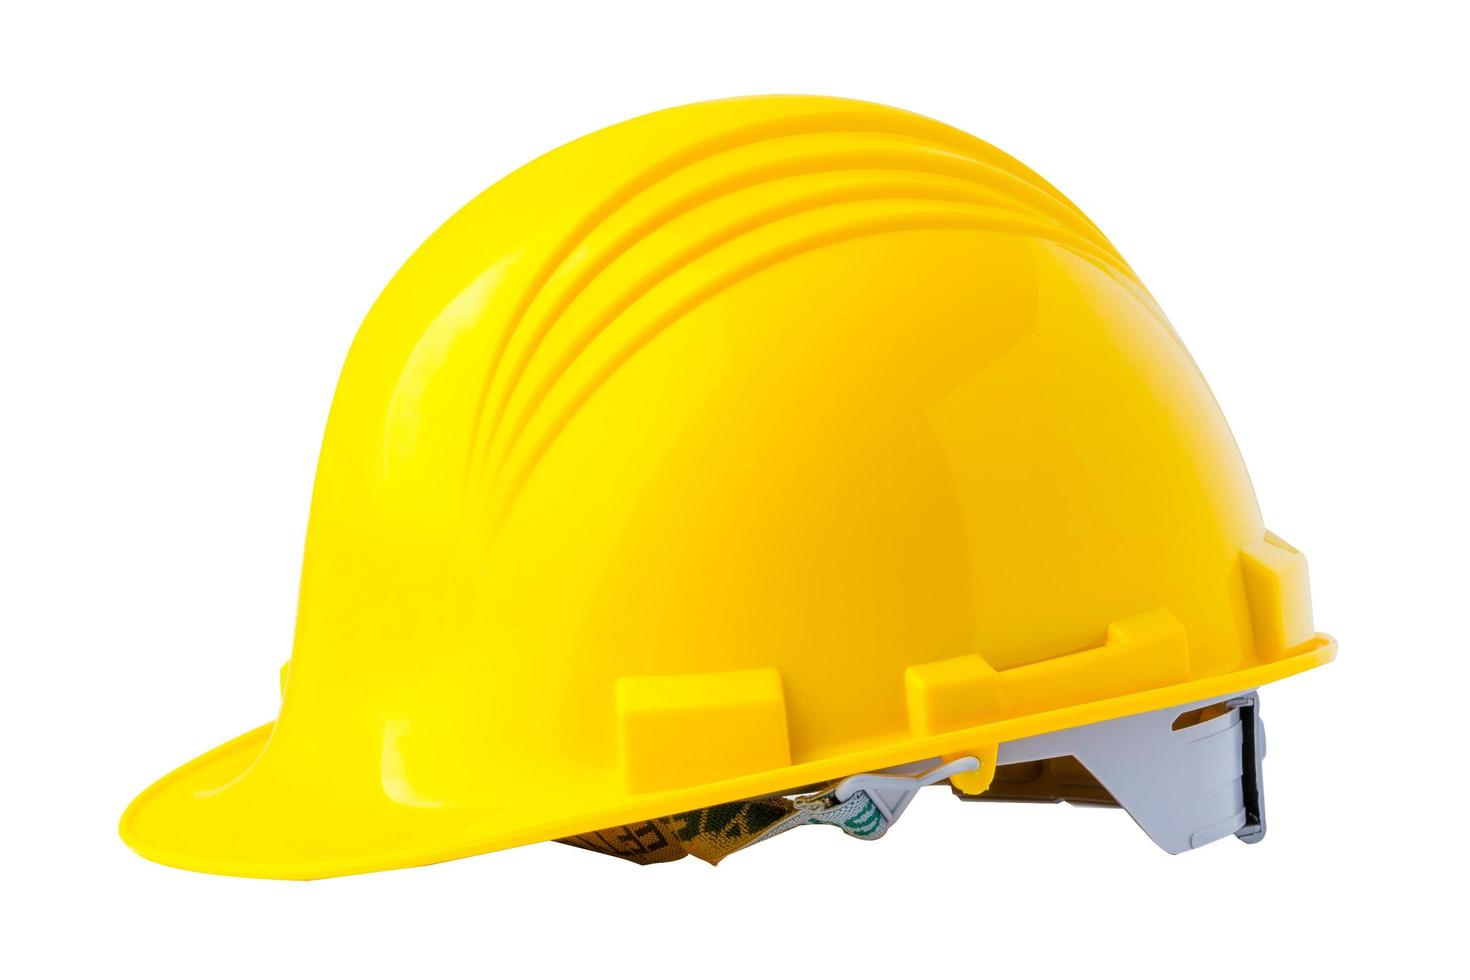 casco de construcción amarillo con plano, concepto de seguridad del ingeniero. foto